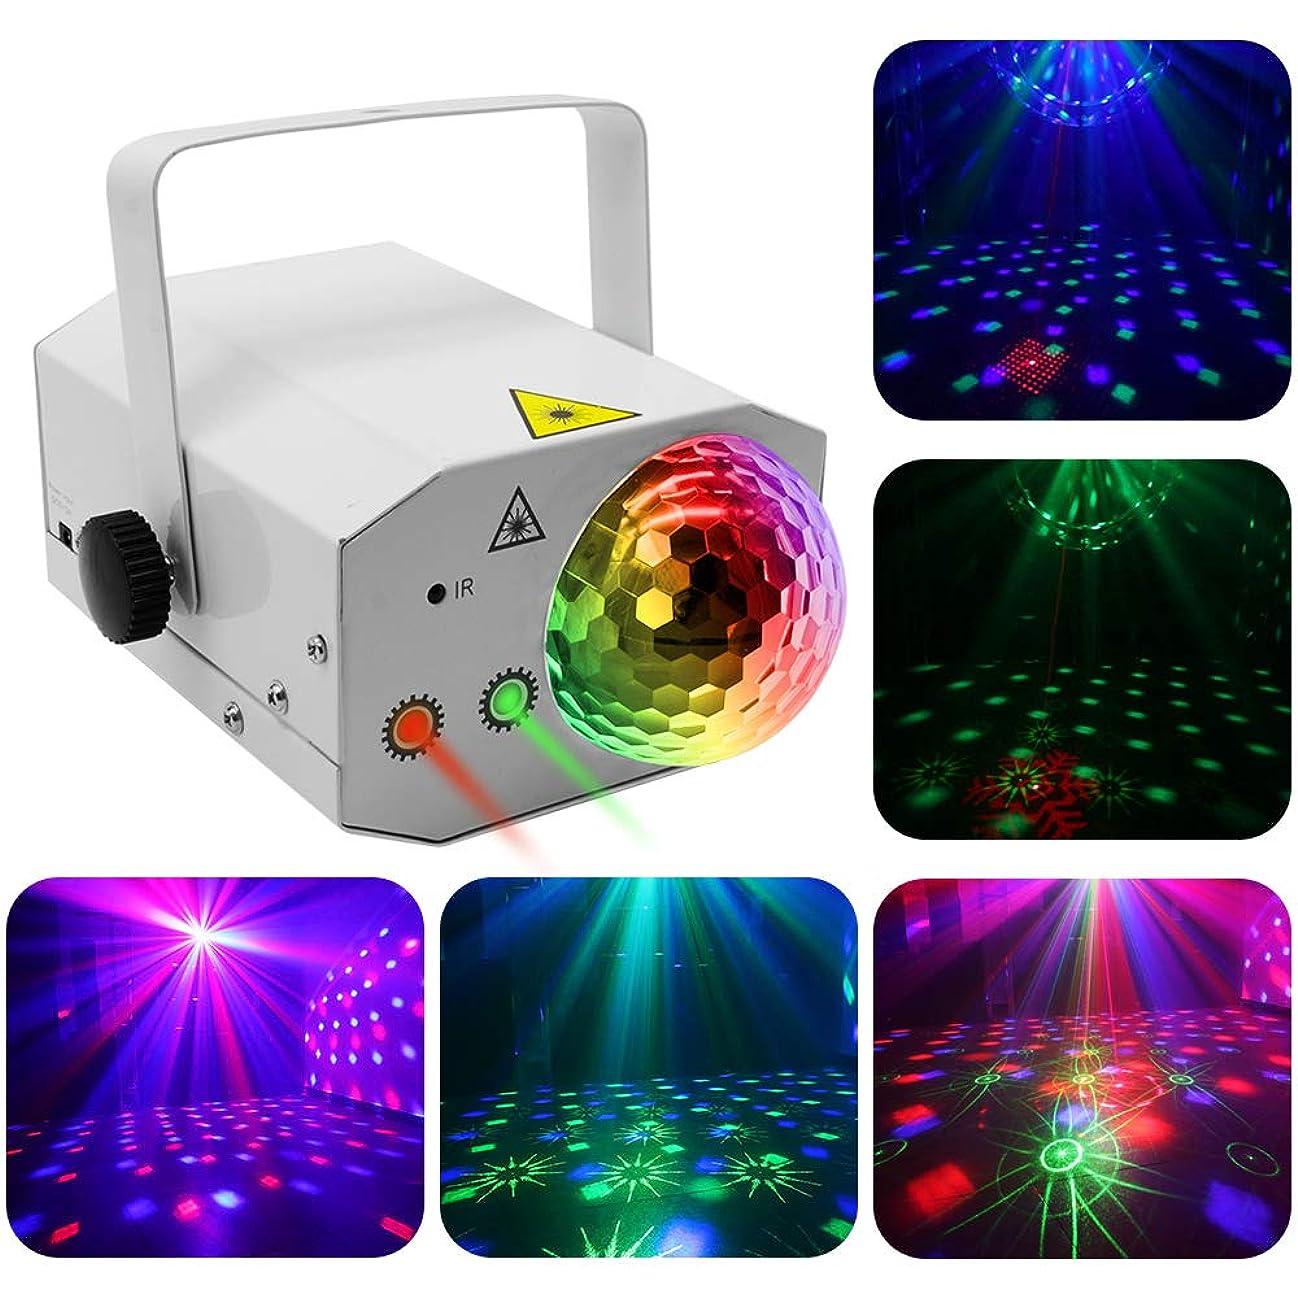 恥ずかしさ徹底的に上へステージライト レーザーライト LED投影ライト 2in1 リモコン/音声制御 多色変換 舞台照明 演出照明 KT V/パーティー/ディスコ/結婚式/舞台/演出 日本語説明書(ホワイト)